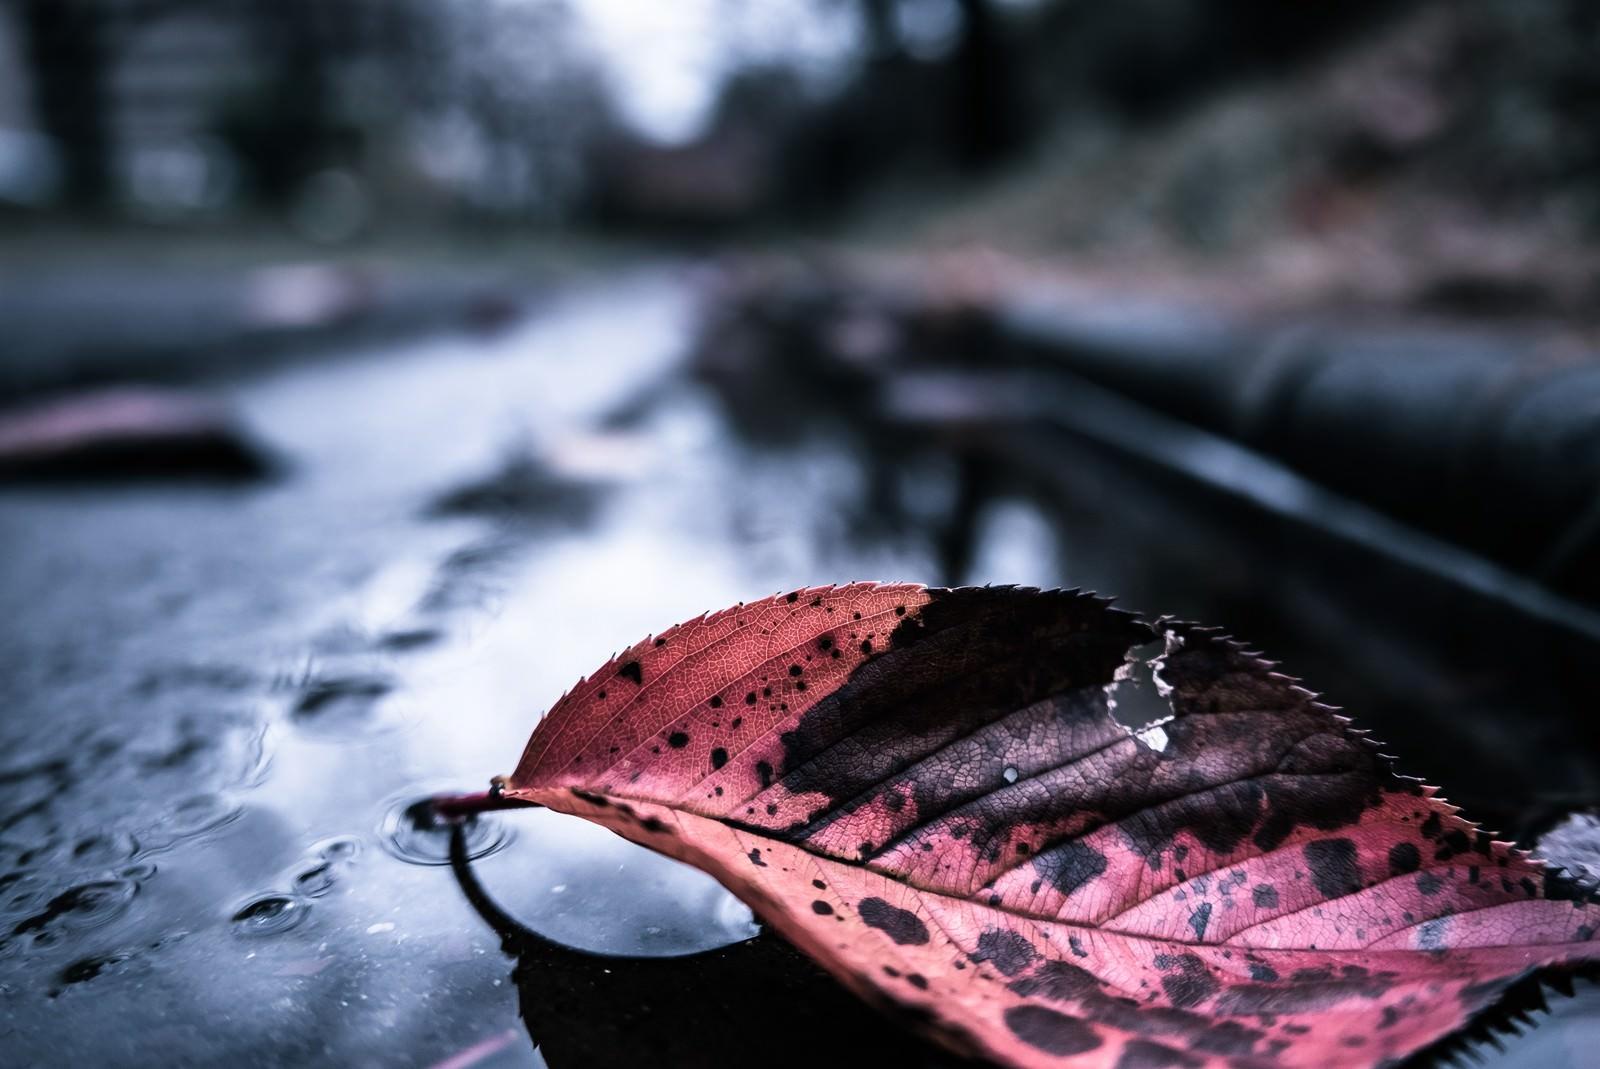 「雨上がりと落ち葉」の写真